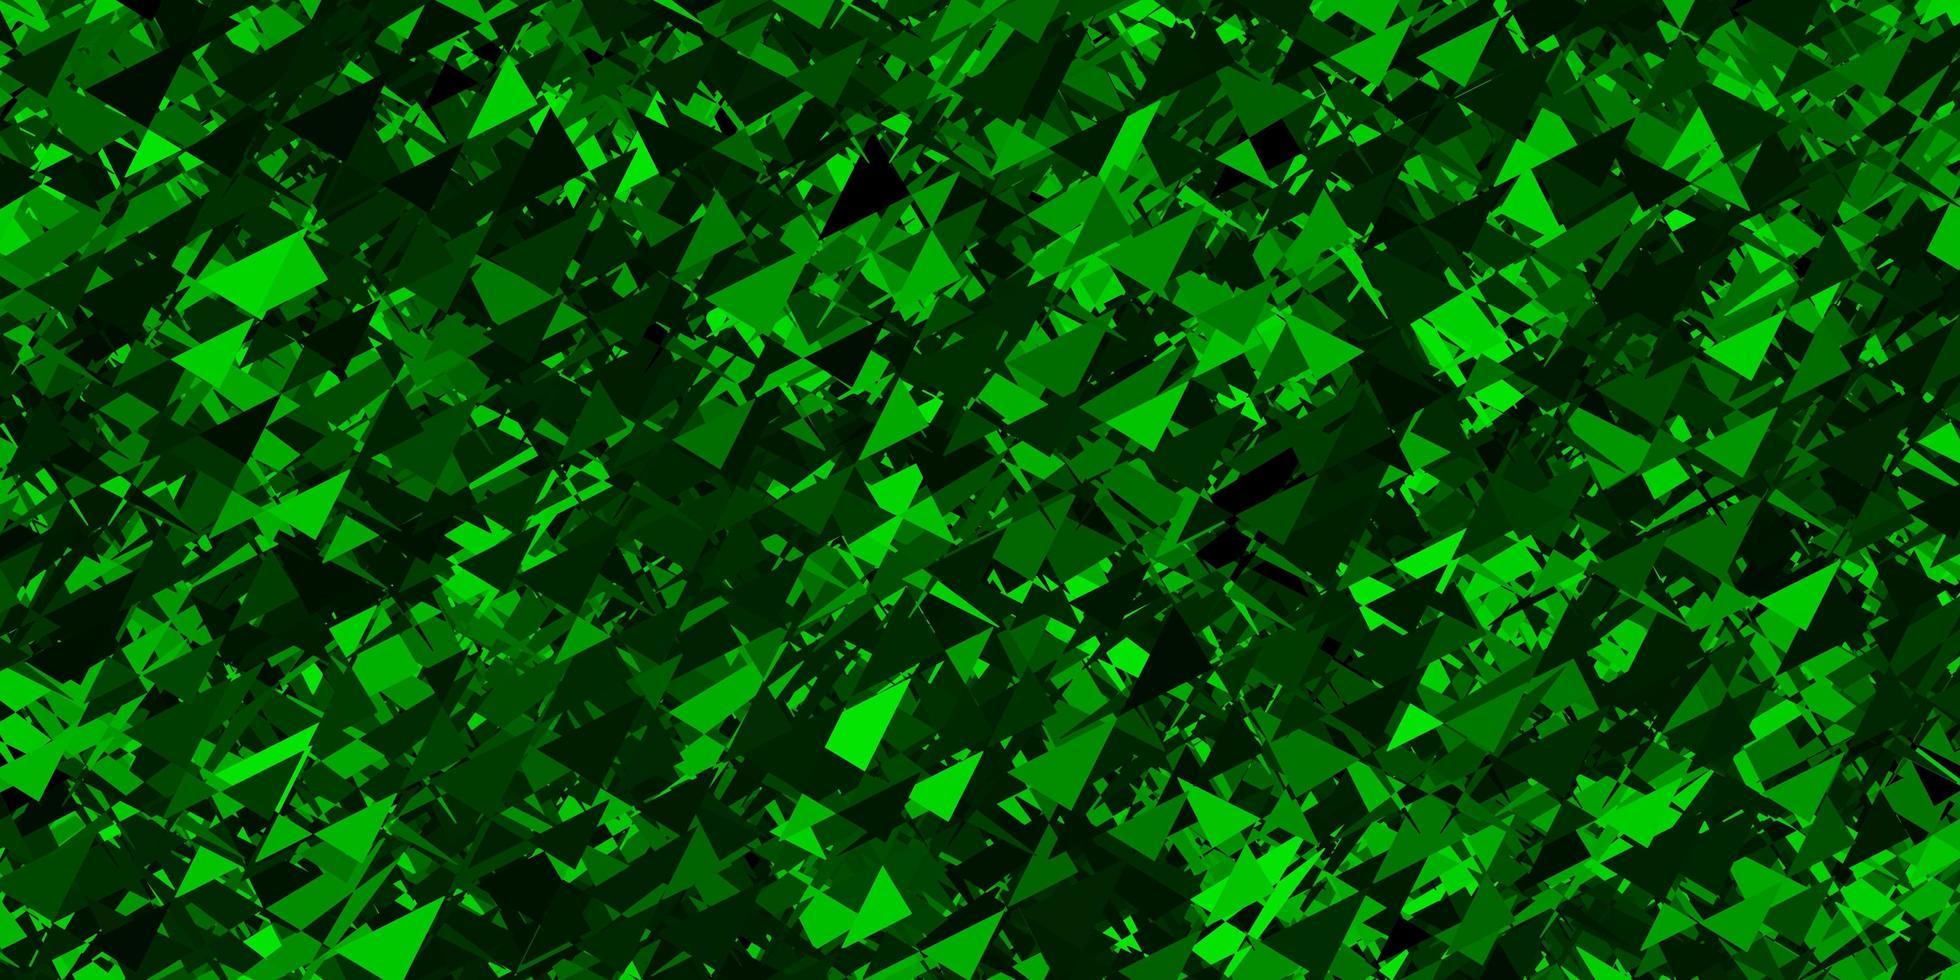 modello vettoriale verde scuro con forme poligonali.